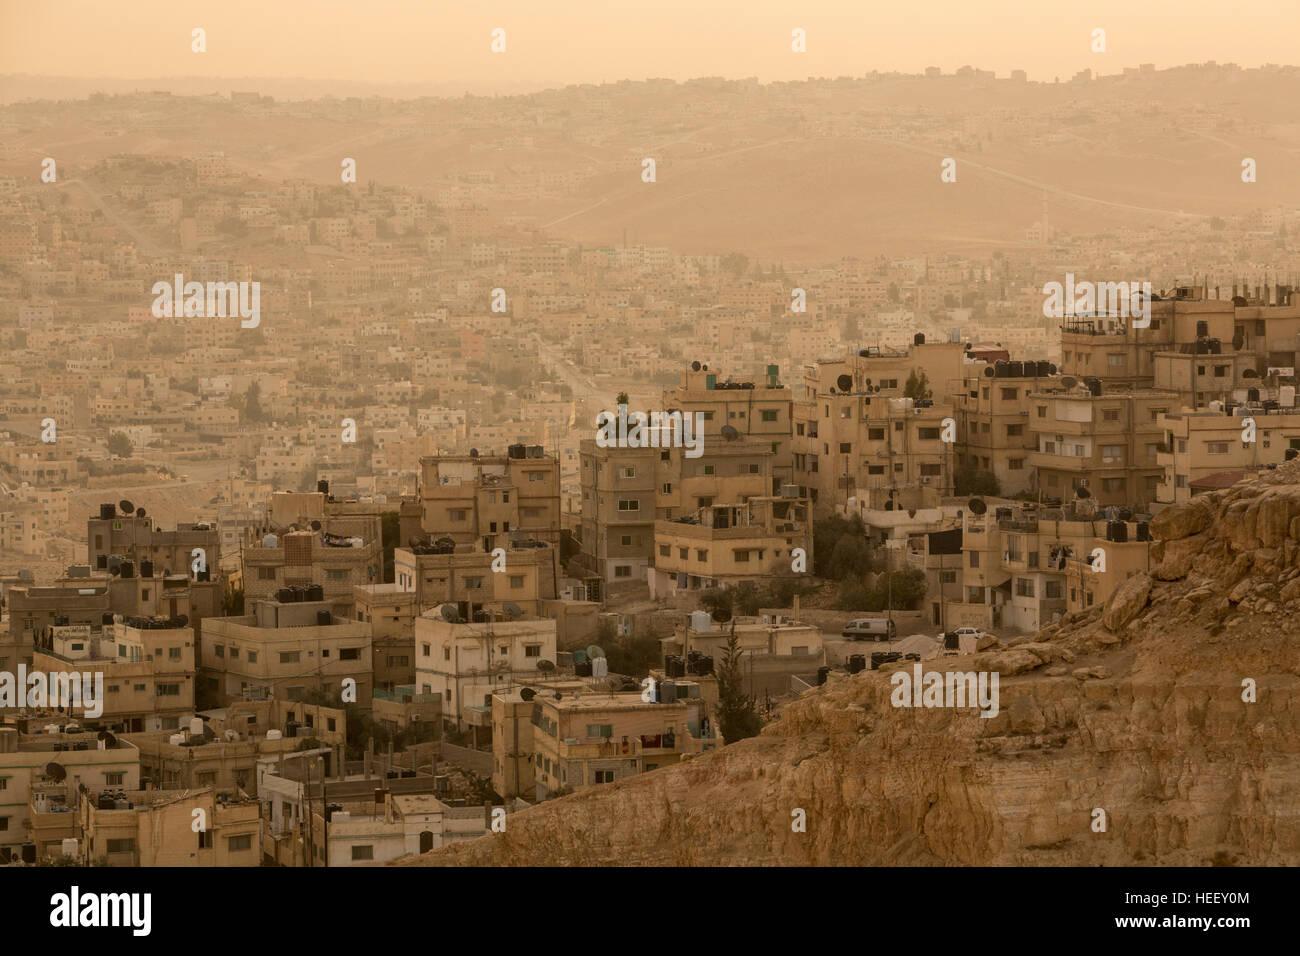 City scene in sprawling Zarqa, Jordan. - Stock Image